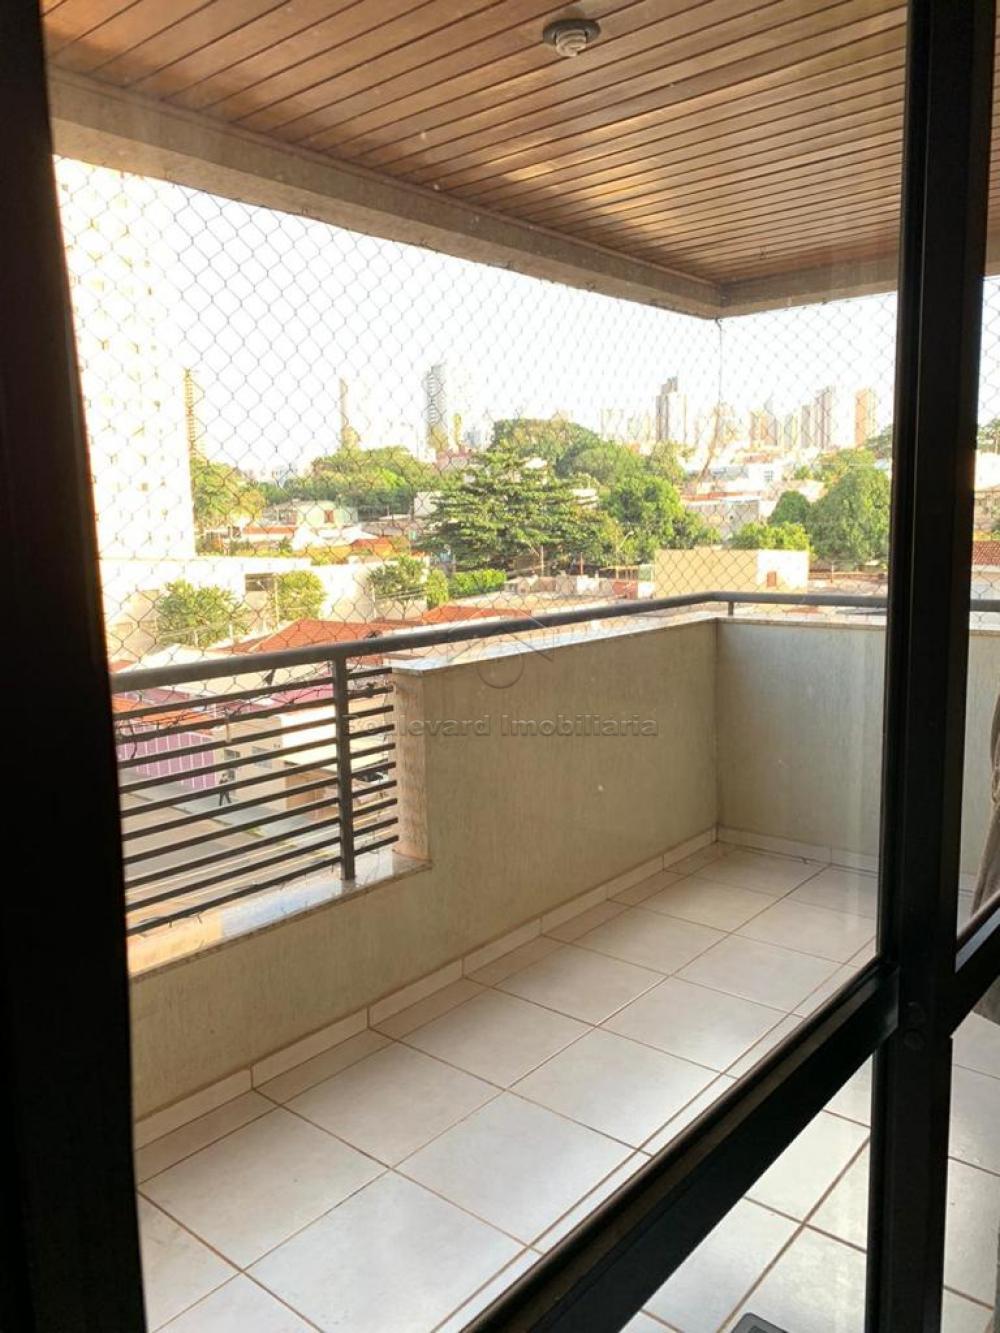 Comprar Apartamento / Padrão em Ribeirão Preto apenas R$ 420.000,00 - Foto 1